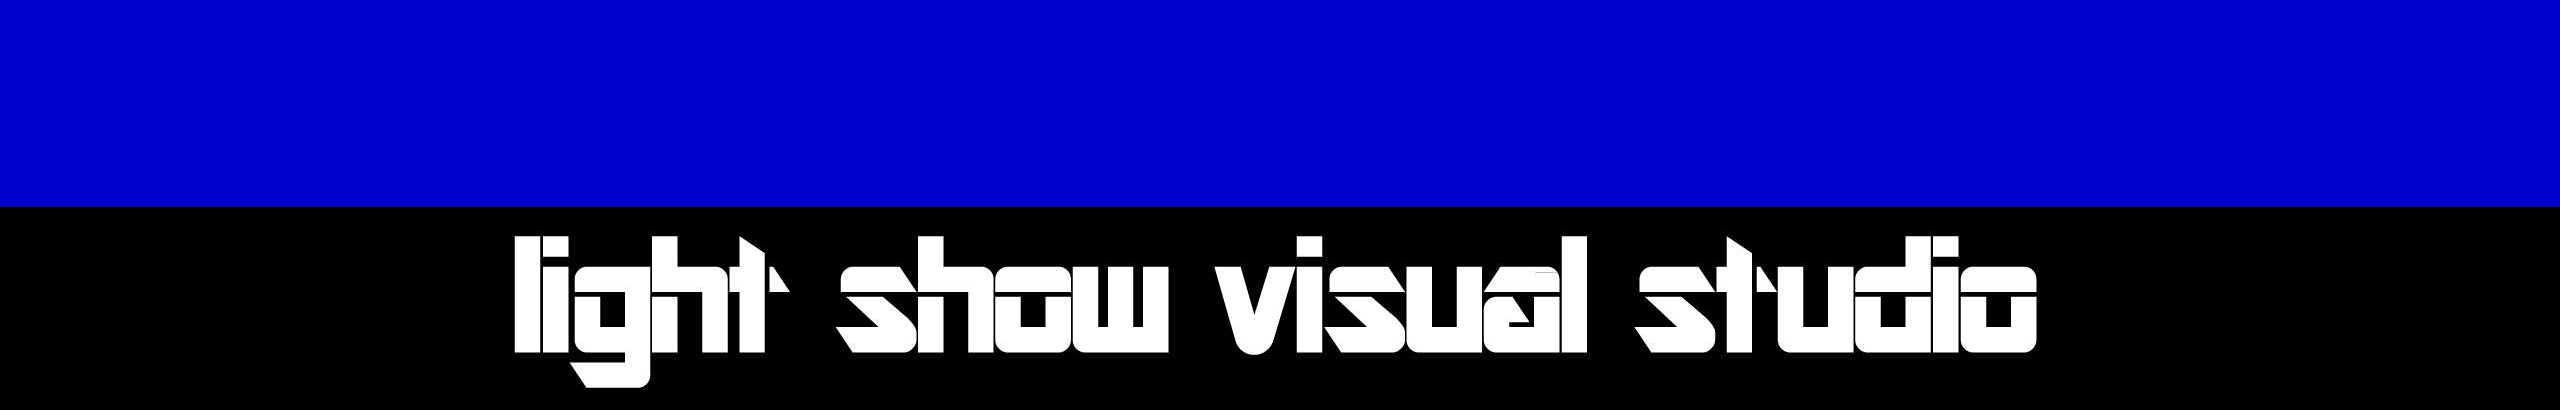 LIGHTSHOW视觉 banner